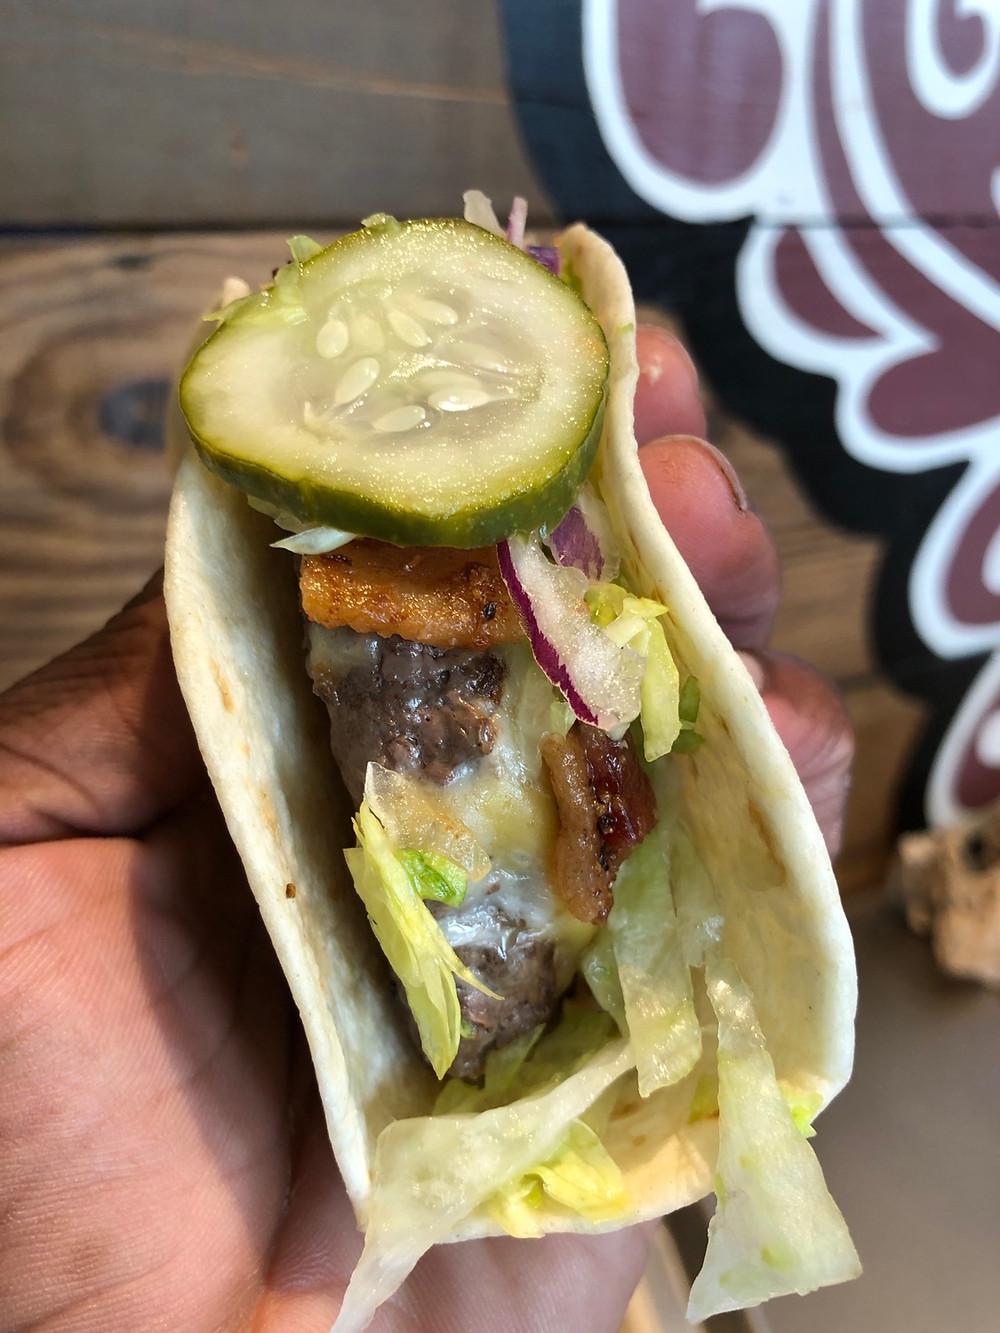 velvet taco charlotte review - kobe bacon burger